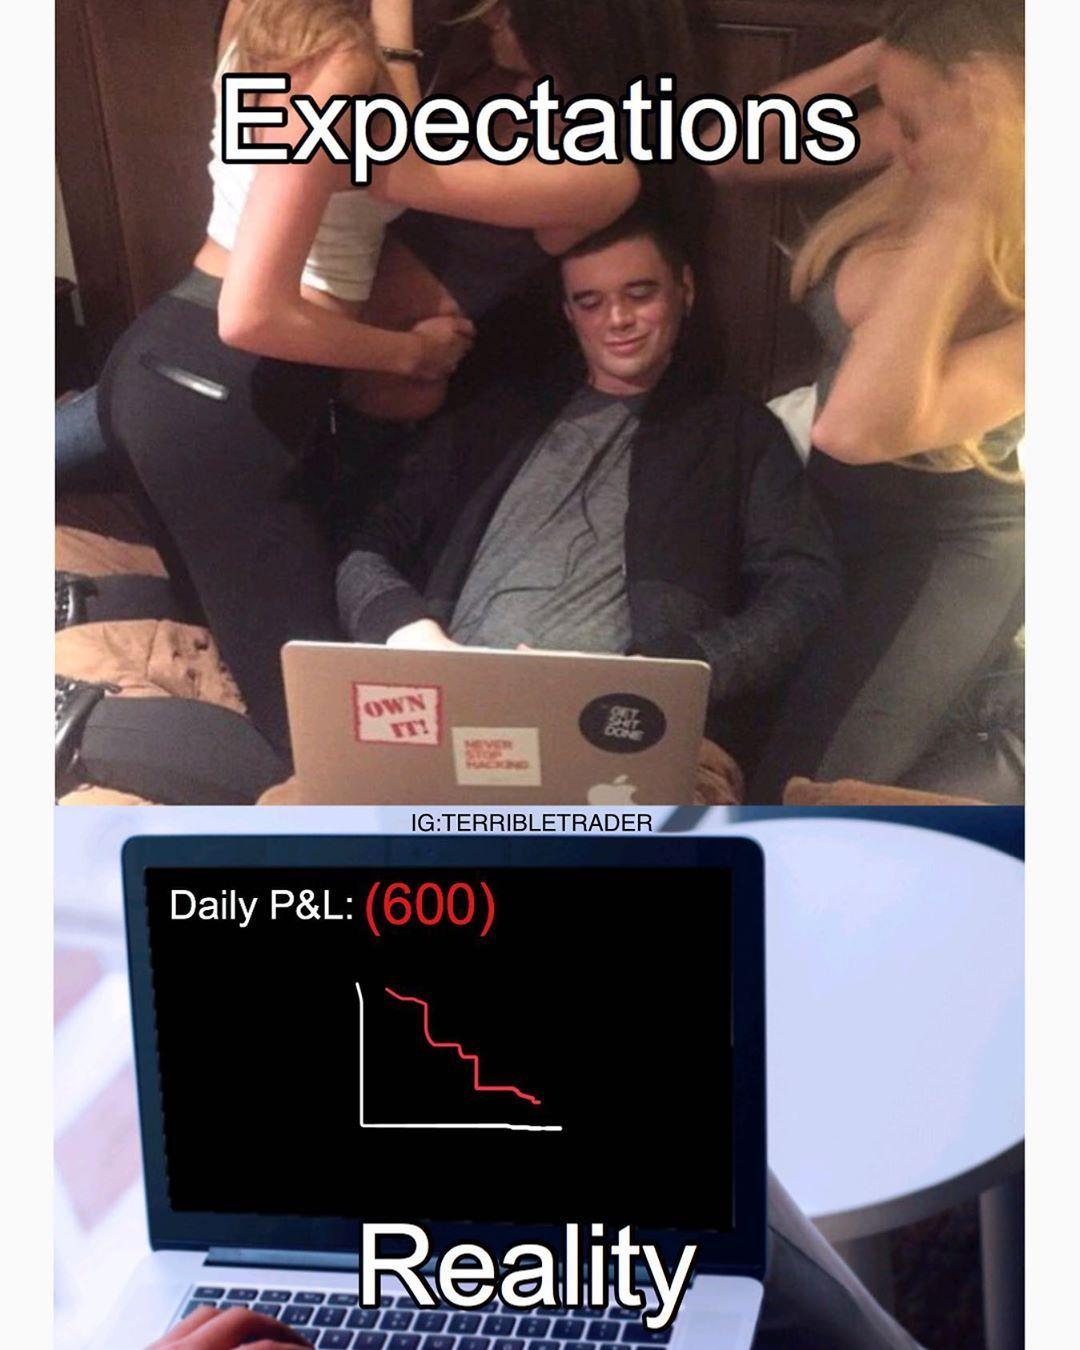 Trading Memes I Finance Humor On Instagram Finance Blog Personal Finance Blogs Finance